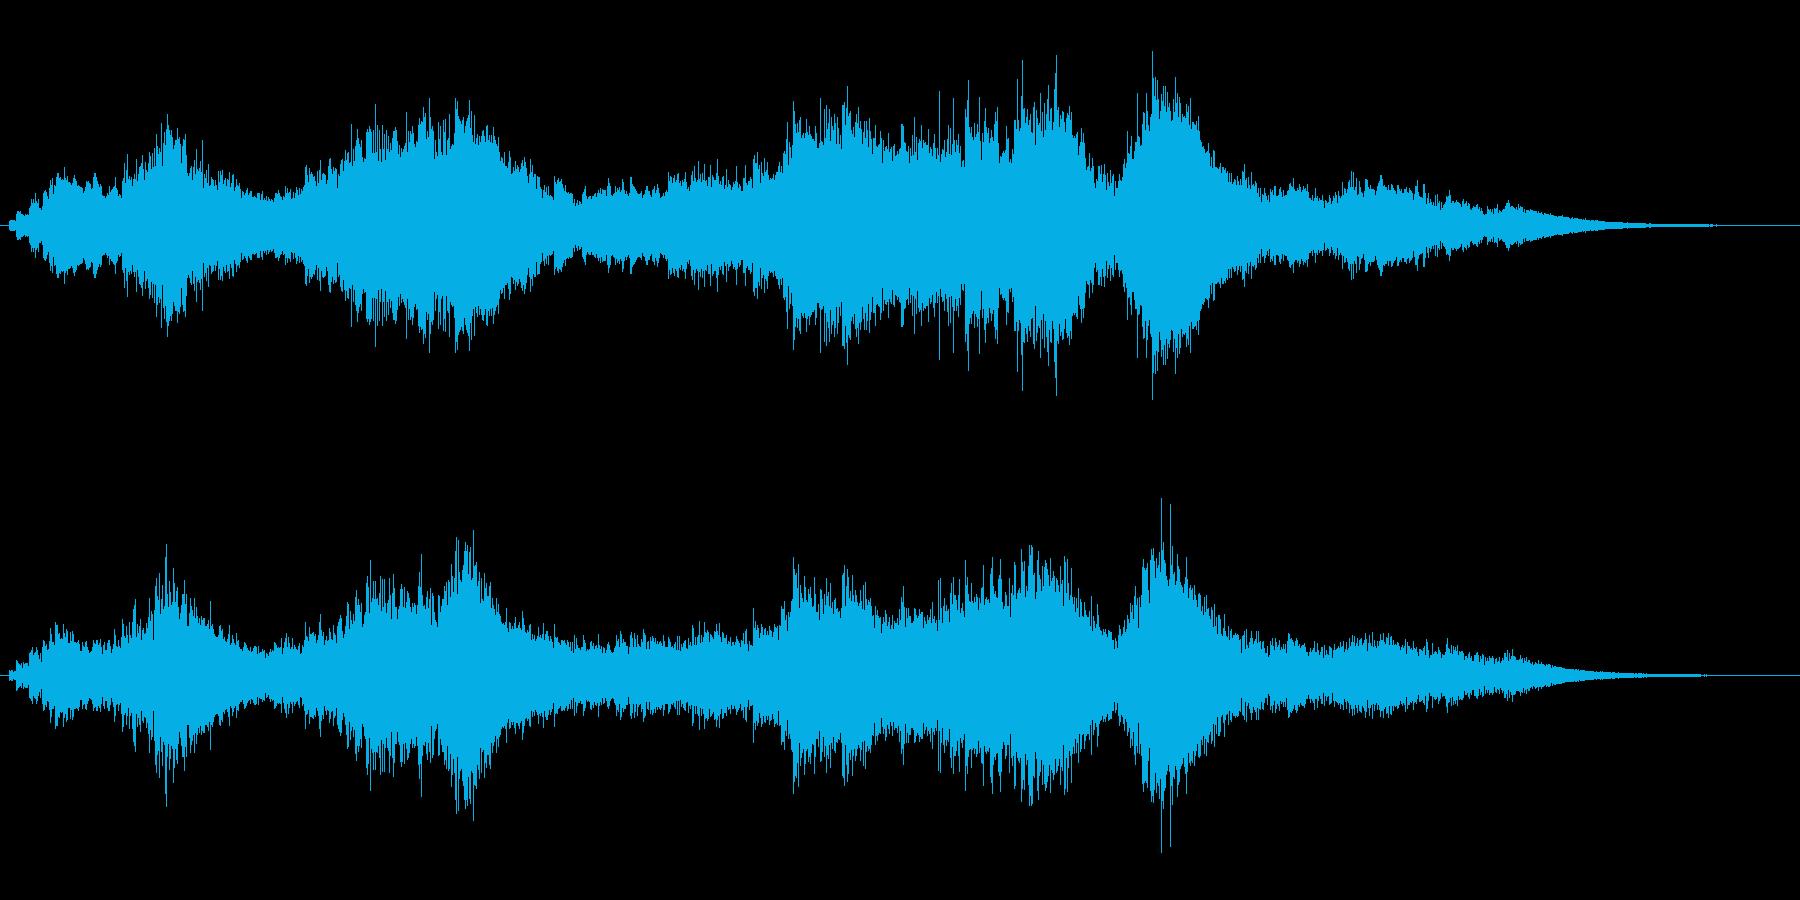 『ドロドロドロ・・・』和製ドラの連打音の再生済みの波形